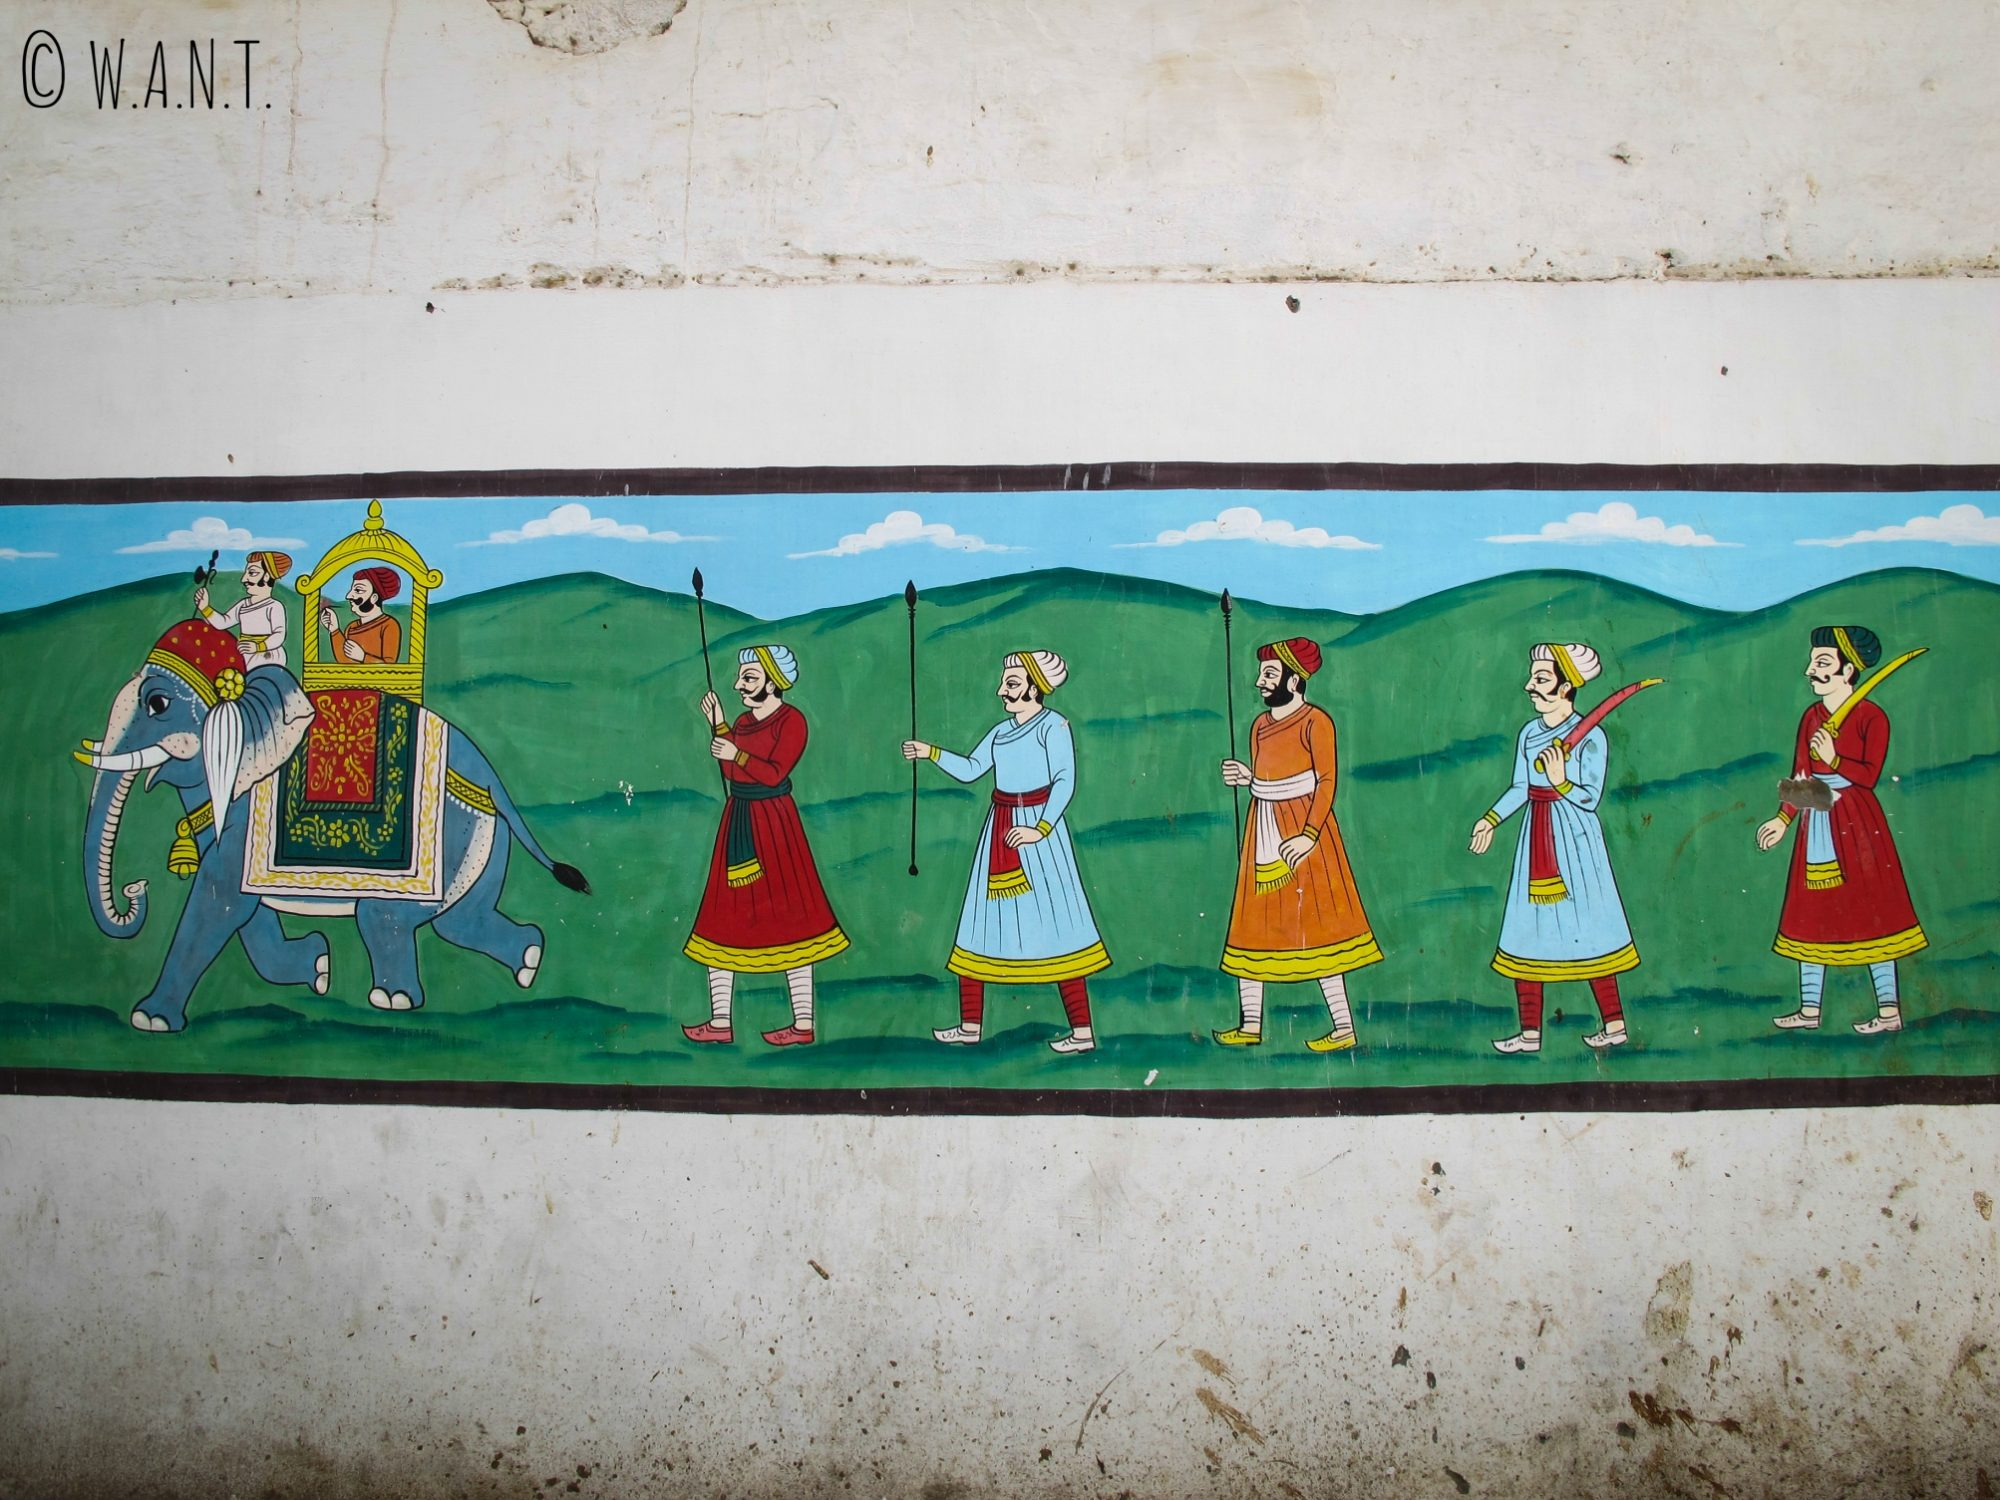 Fresque murale dans les rues de Jodhpur